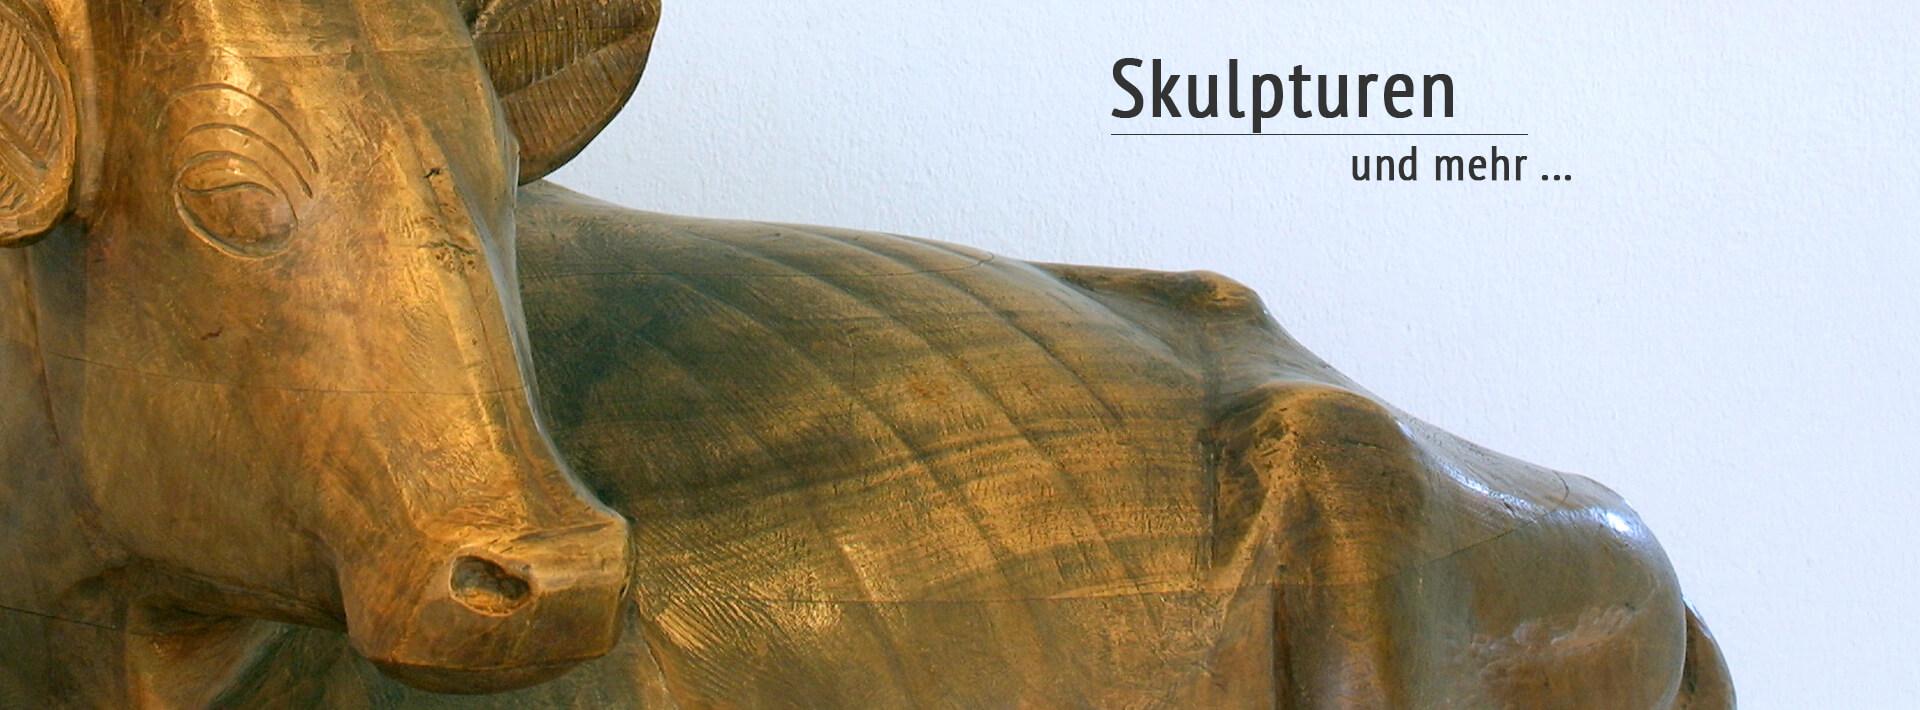 Skulpturen und mehr...